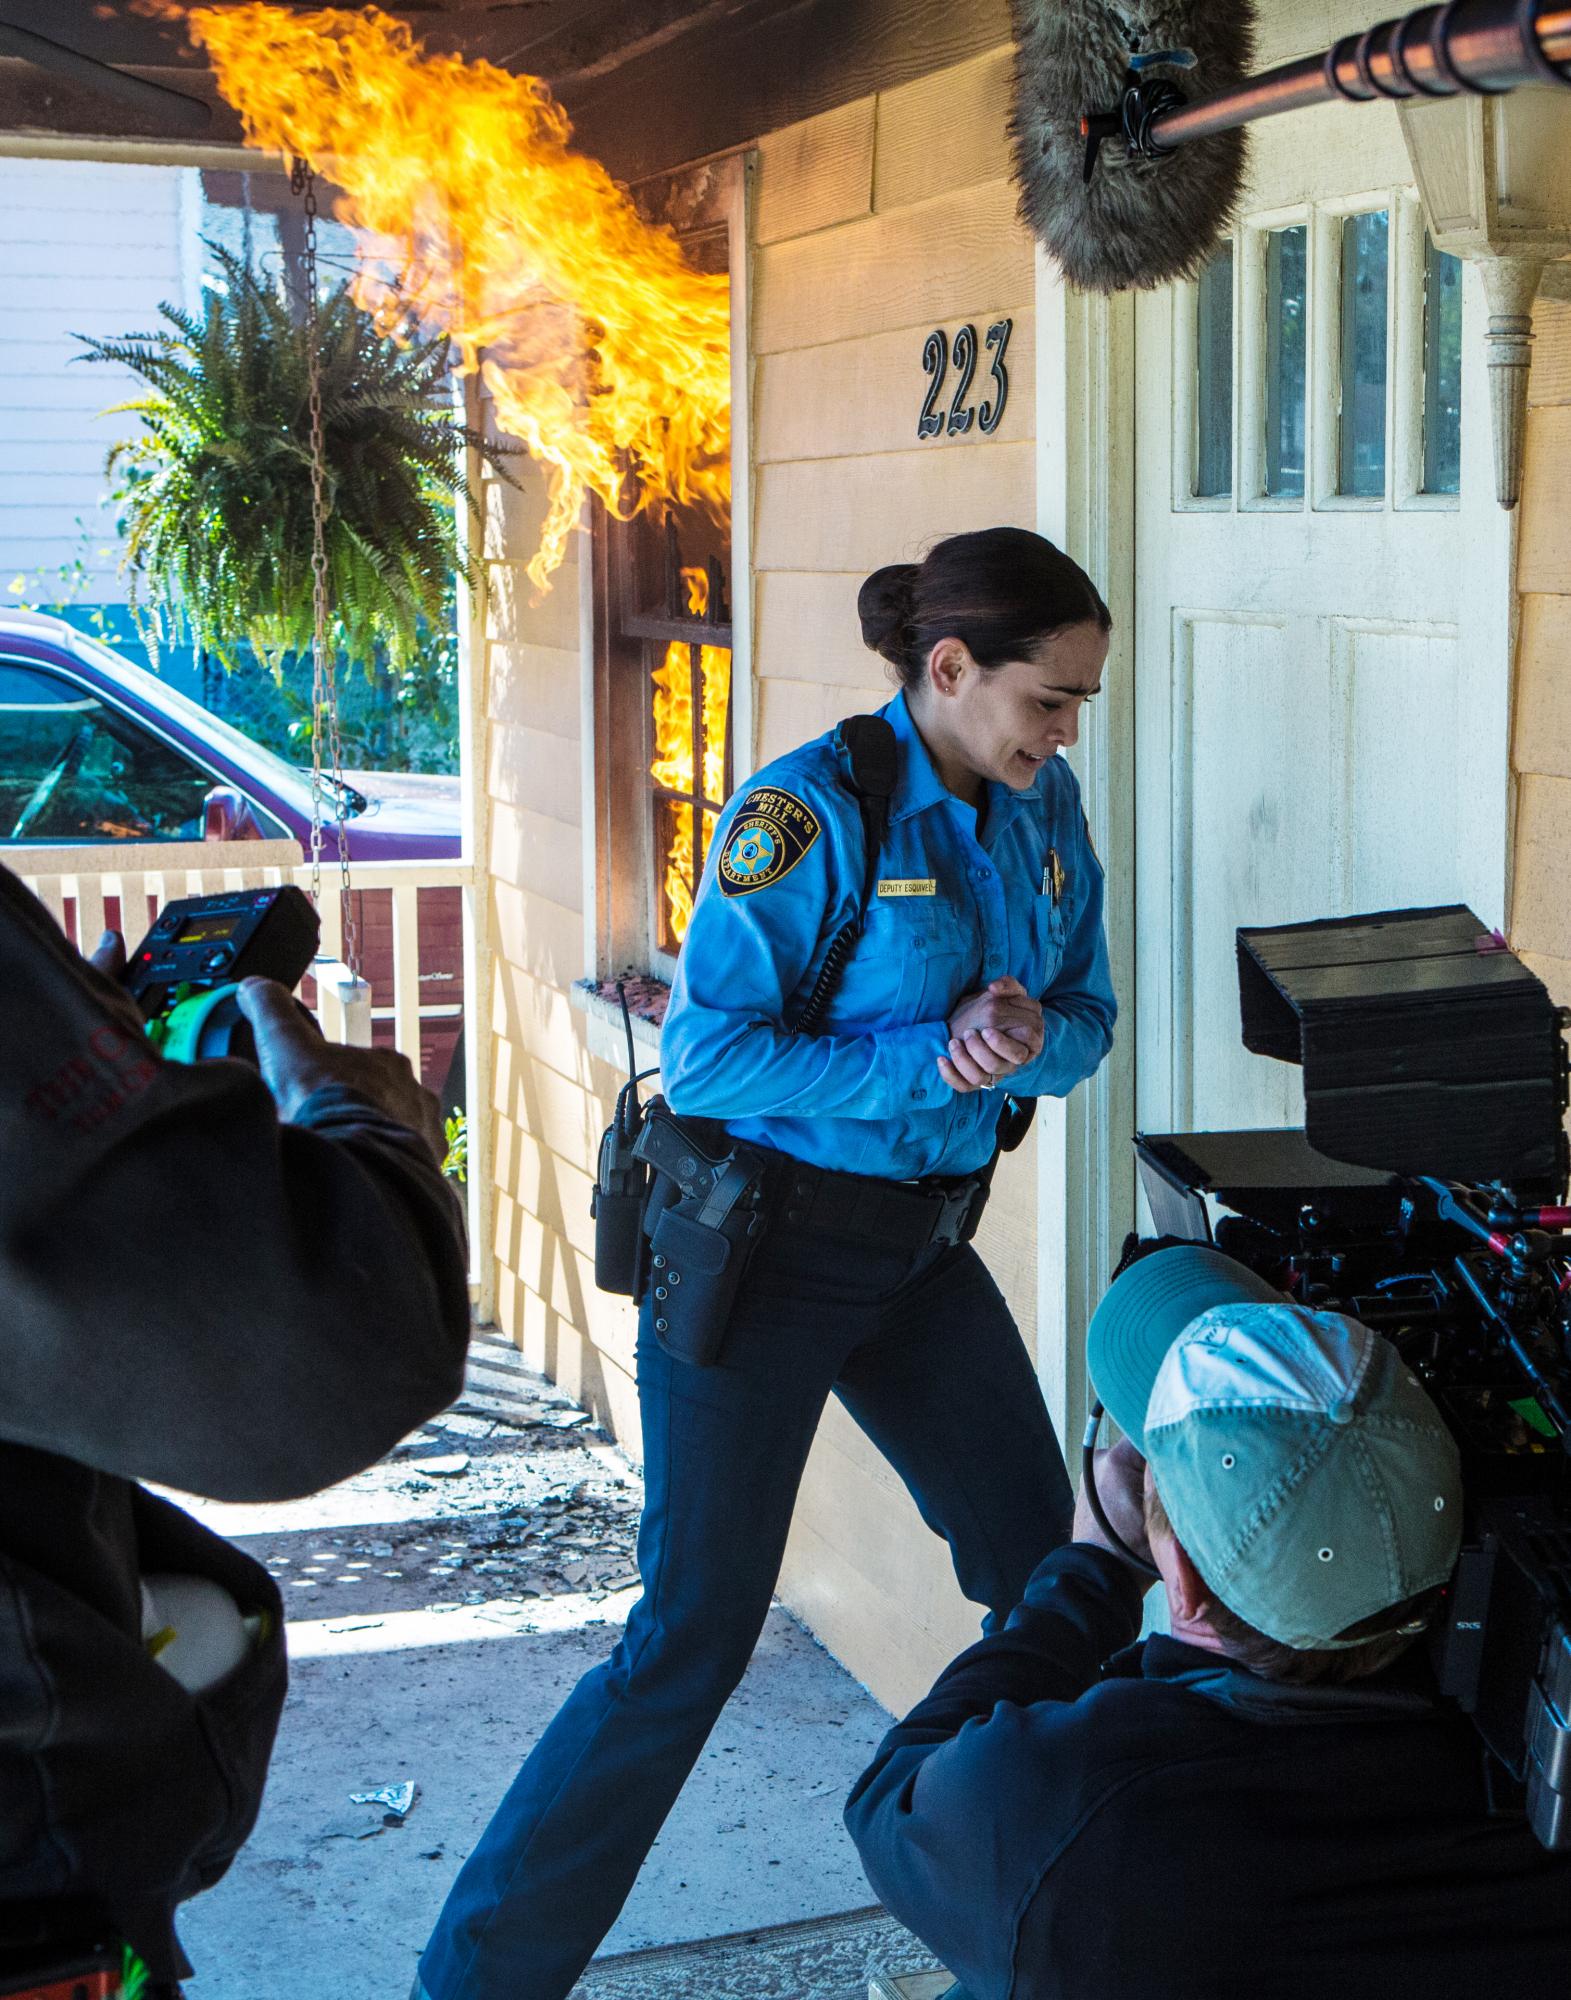 Deputy Linda Bursts In